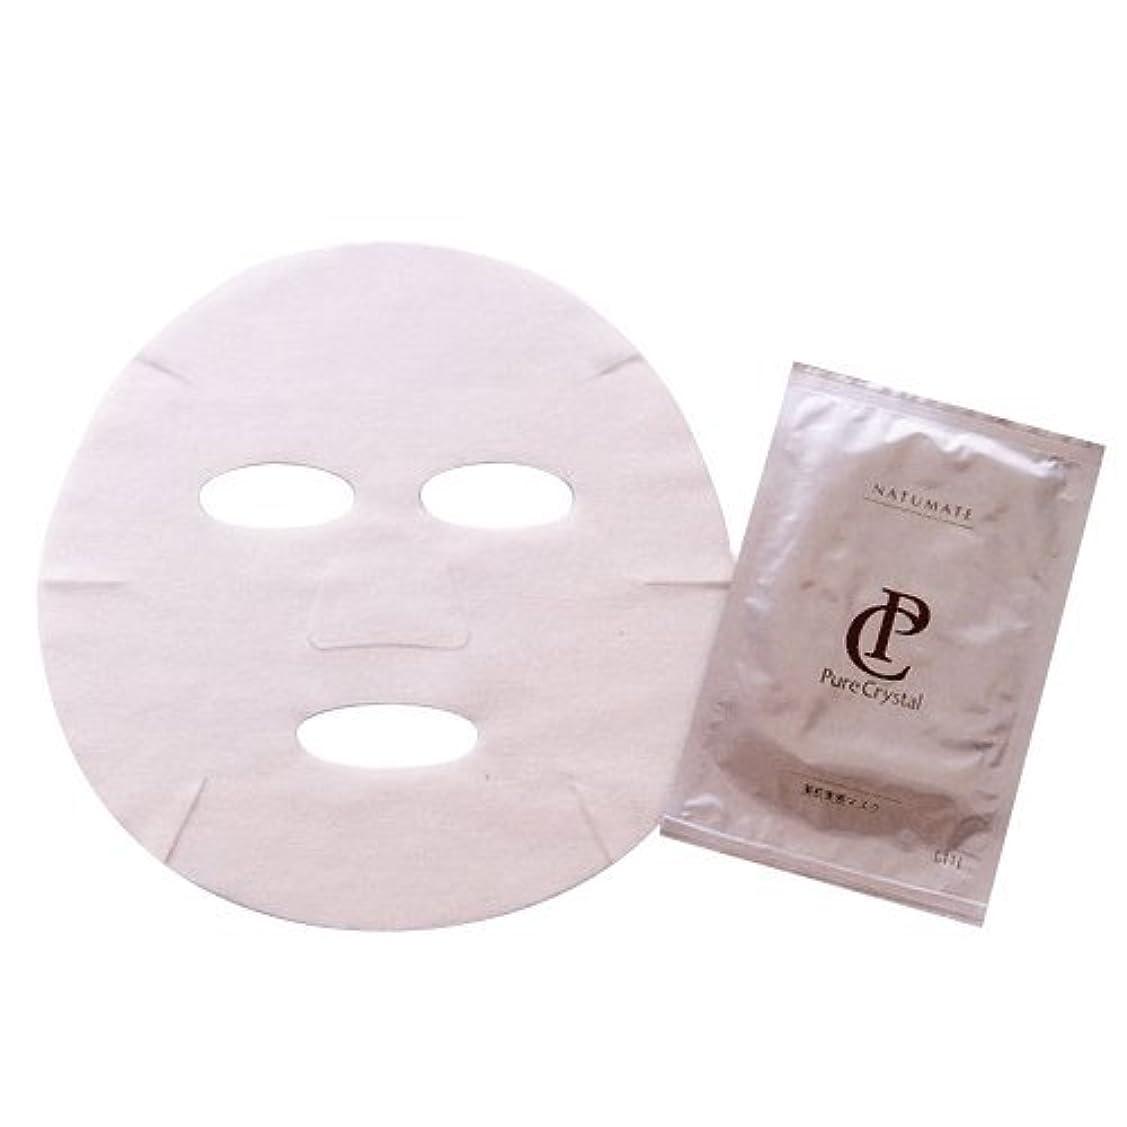 ユーザー意義擁するナチュメイト 美肌実感マスク【8枚入】